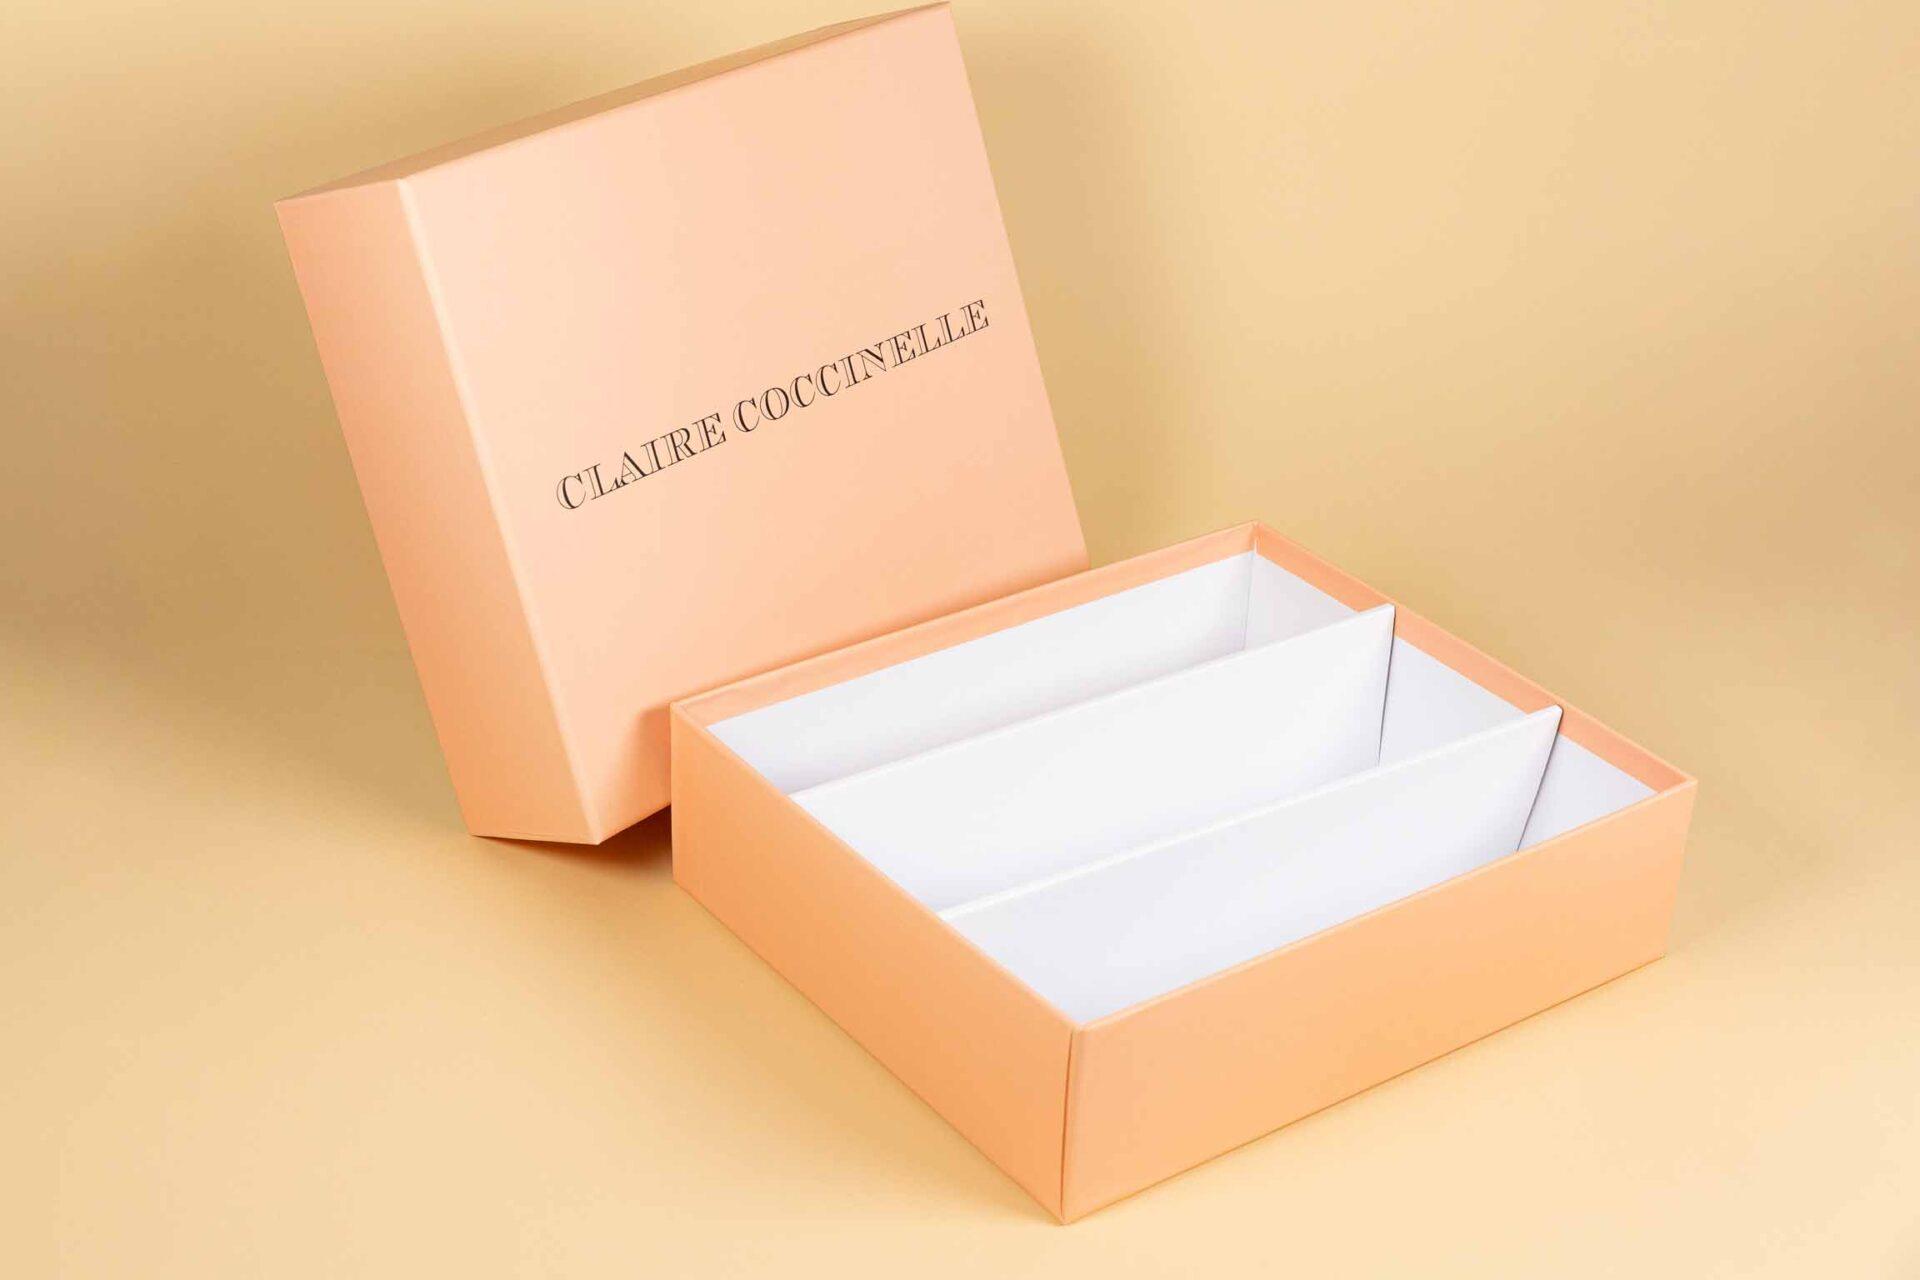 Doos met deksel set – Claire Coccinelle